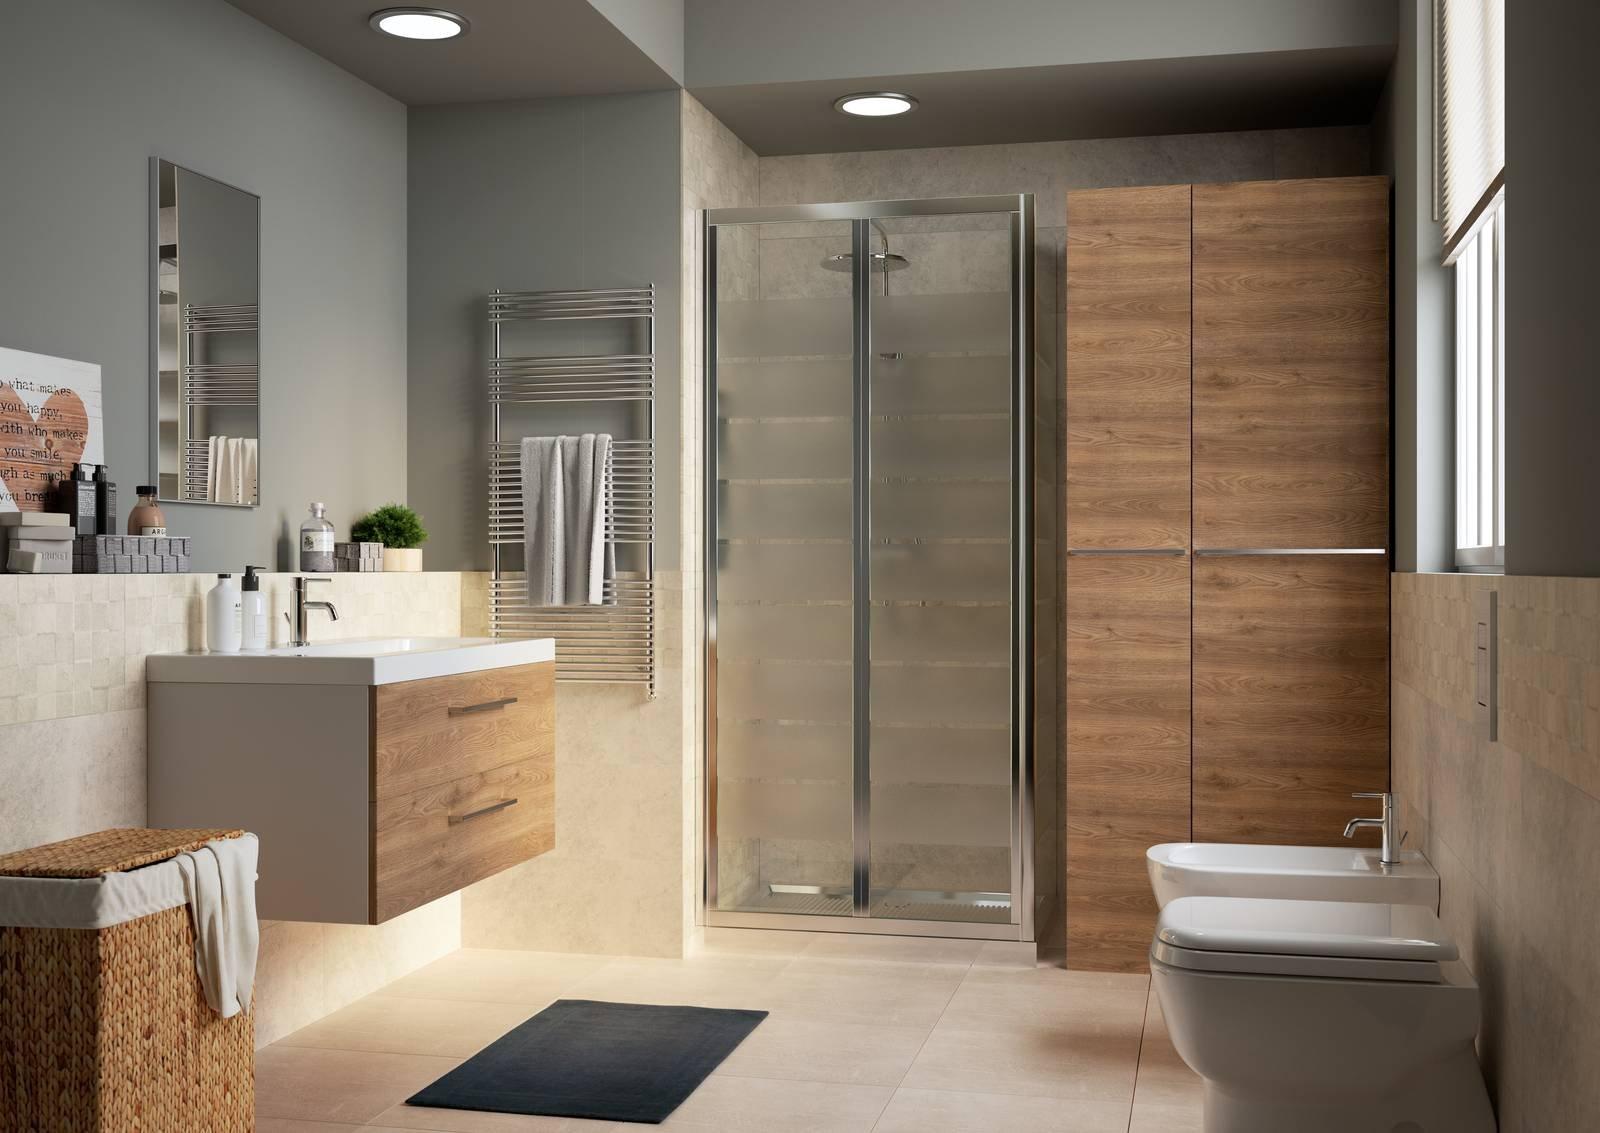 Da vasca a doccia: un bagno nuovo su misura - Cose di Casa